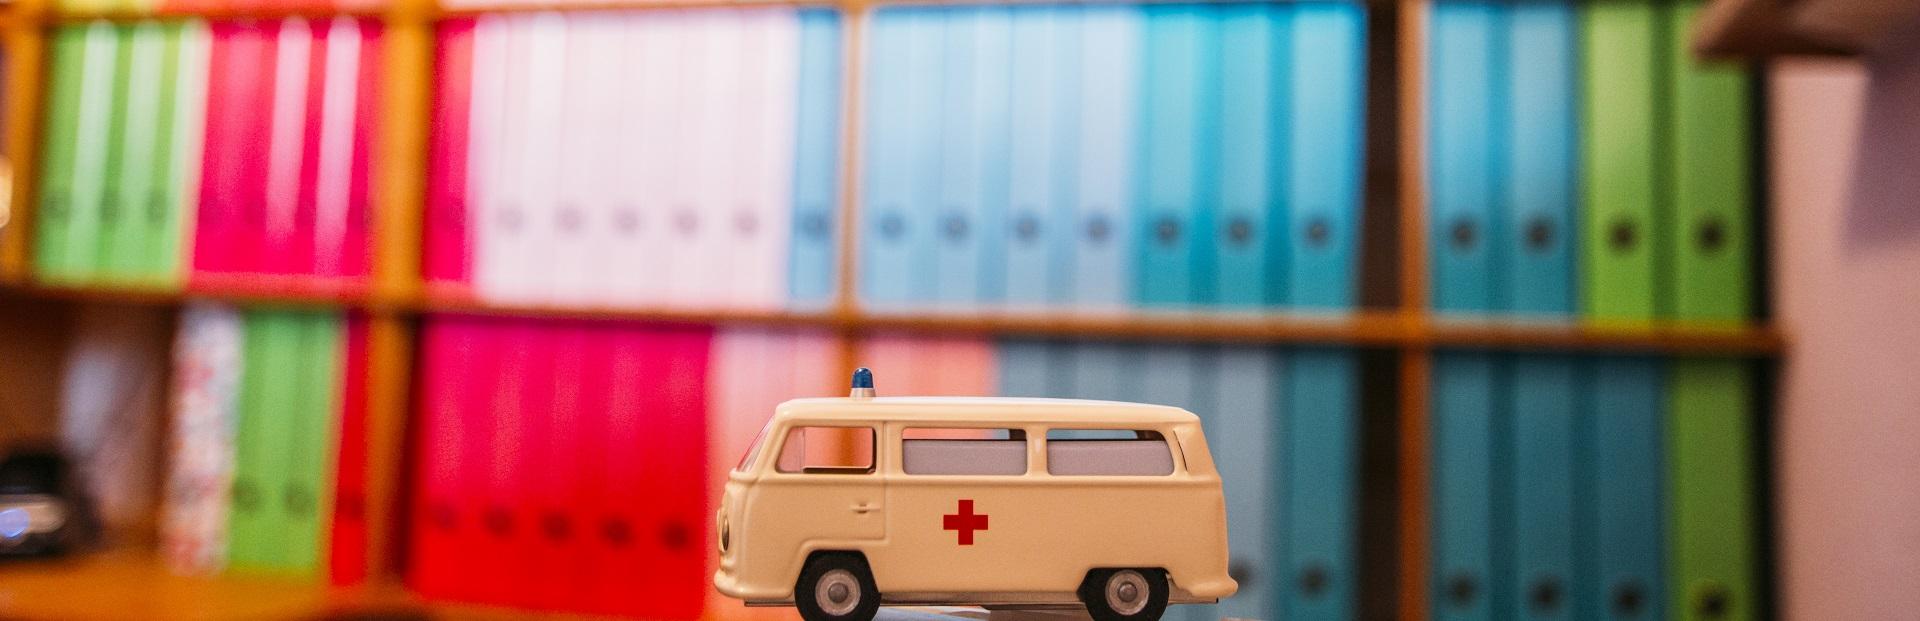 dossiers met speelgoed ambulance ervoor